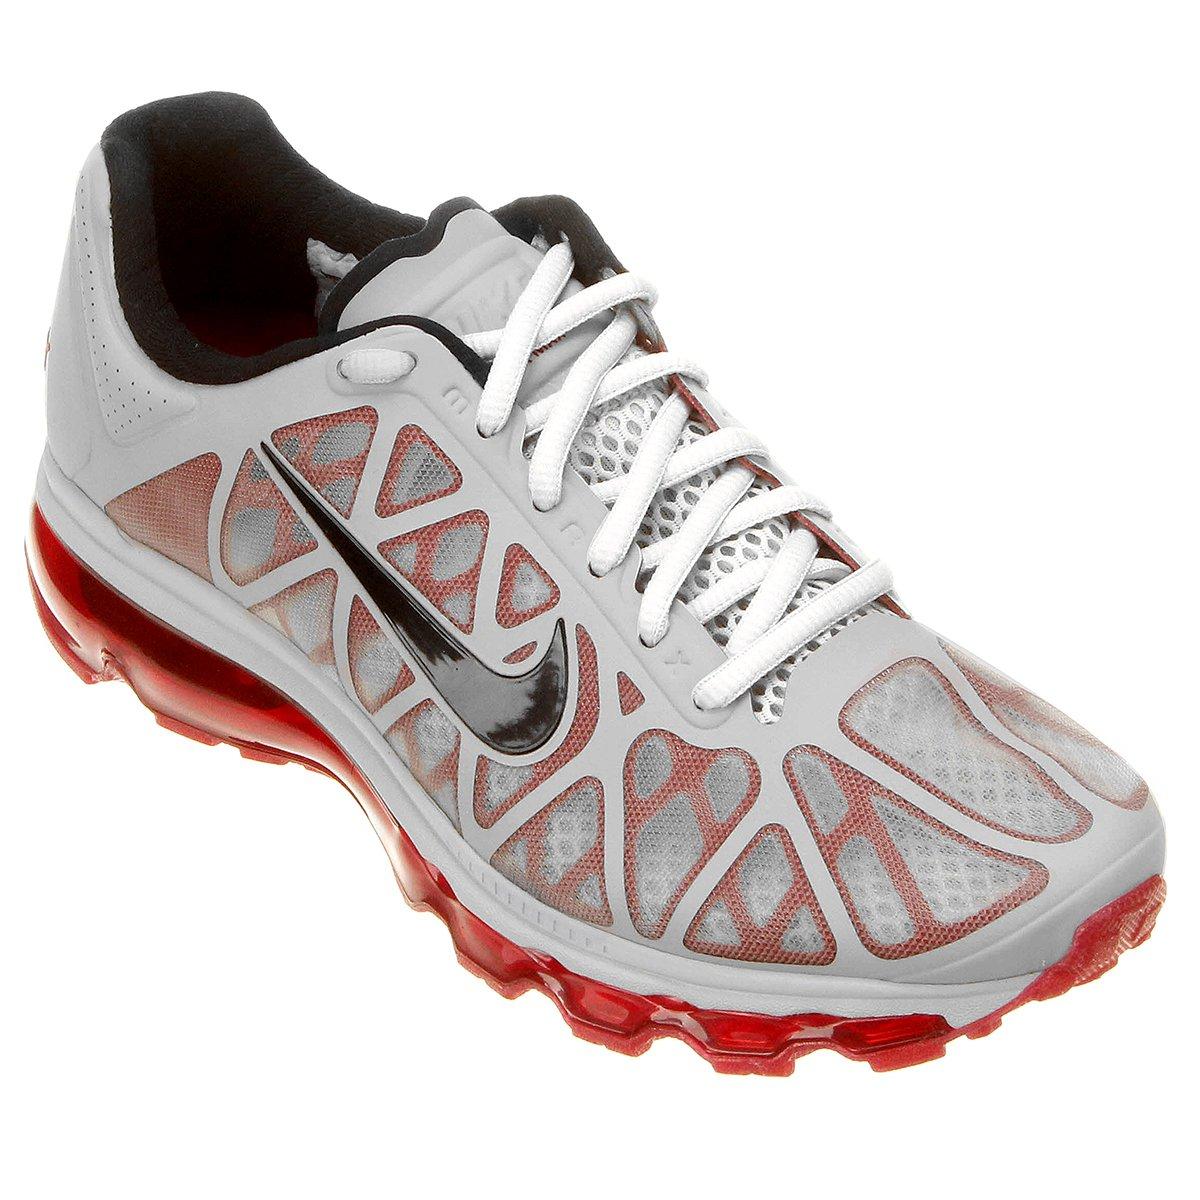 6a32bfcf96 ... Tênis Nike Air Max 2011 .